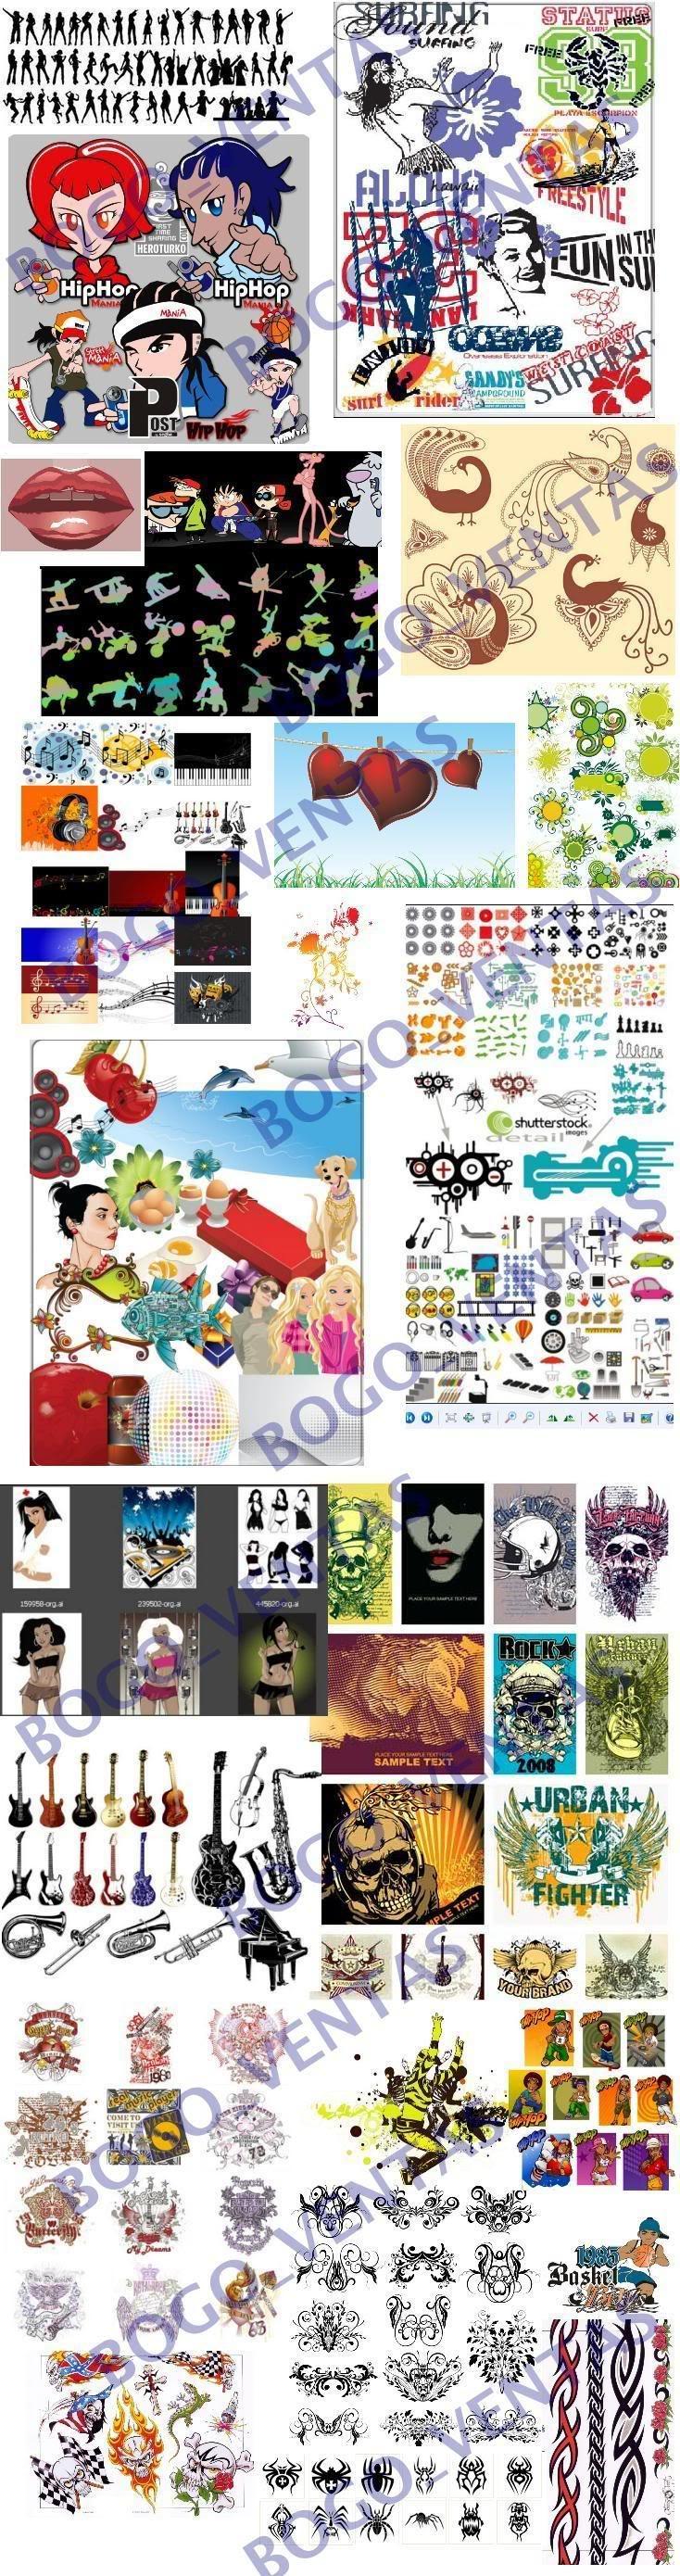 vectores CLIPART modelos de siluetas, hip-hop, Caricaturas, Tribales, Acid, Soles y estrellas, Corazones, Musica, Celebraciones, Deportes